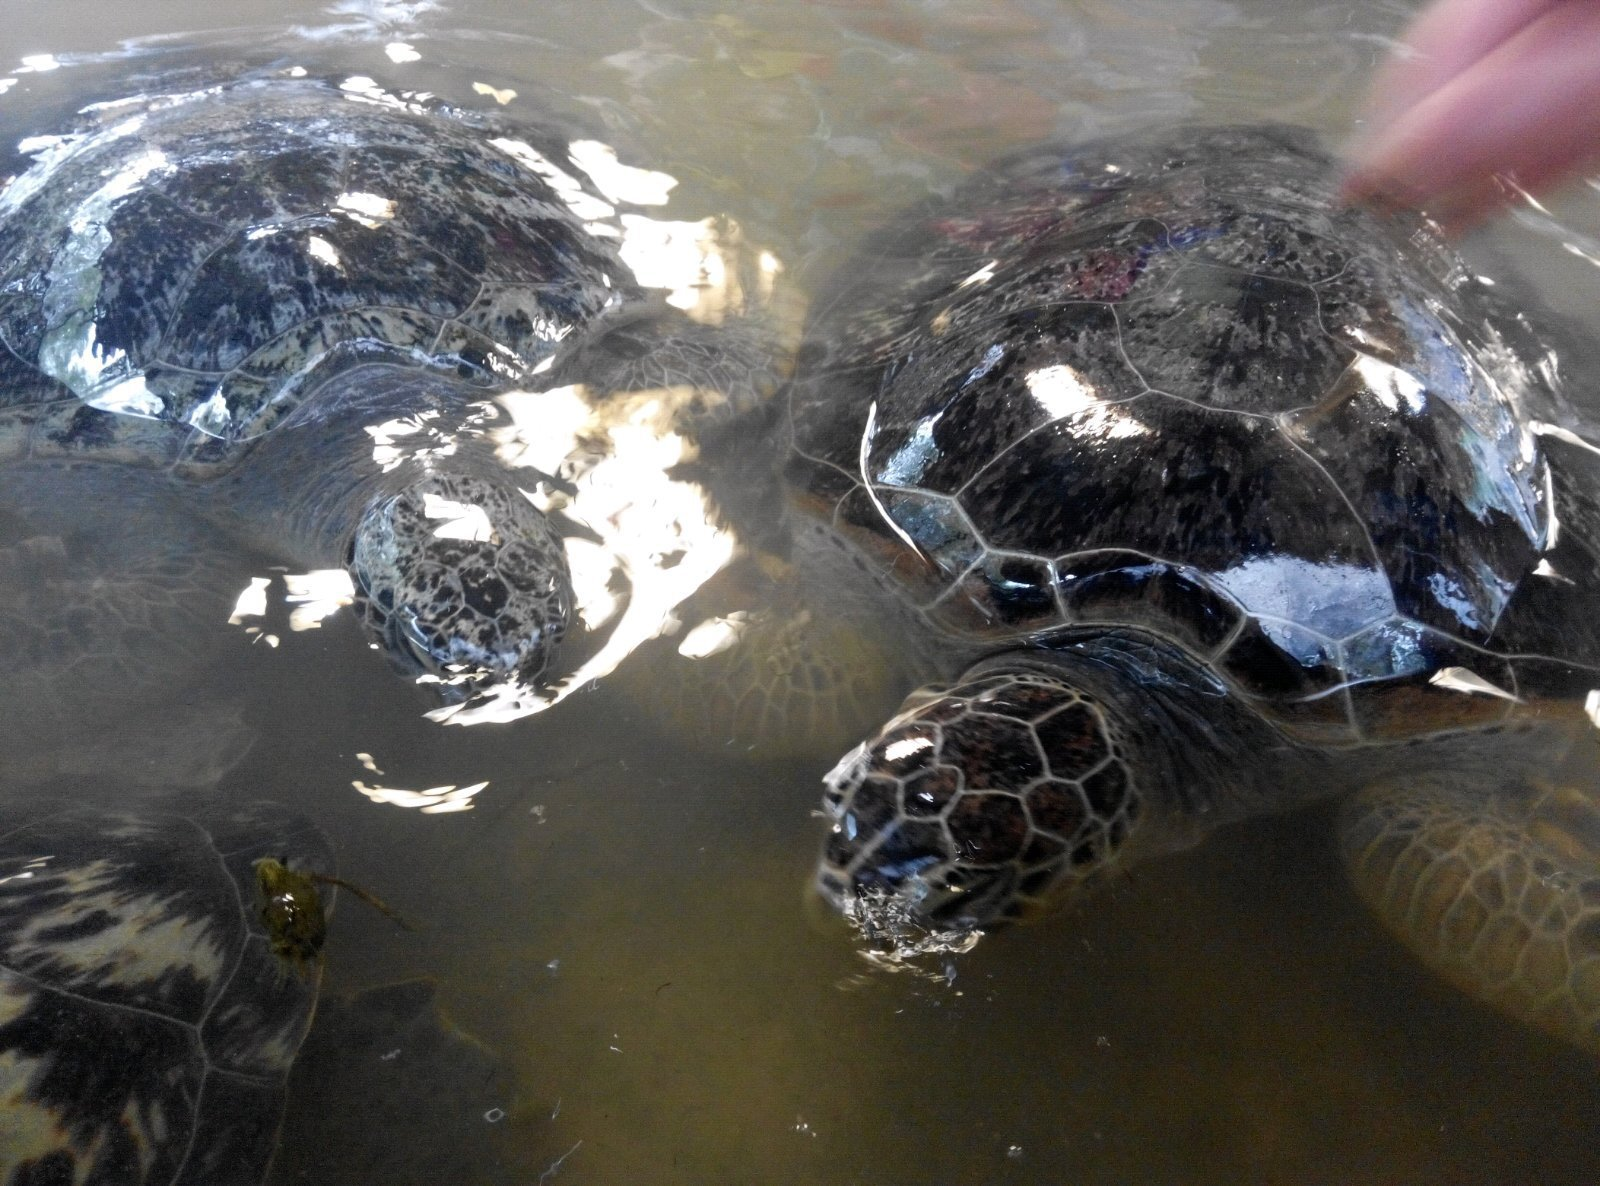 巨型海龟,让人想起西游记里驮着师徒四人过通天河的神龟.